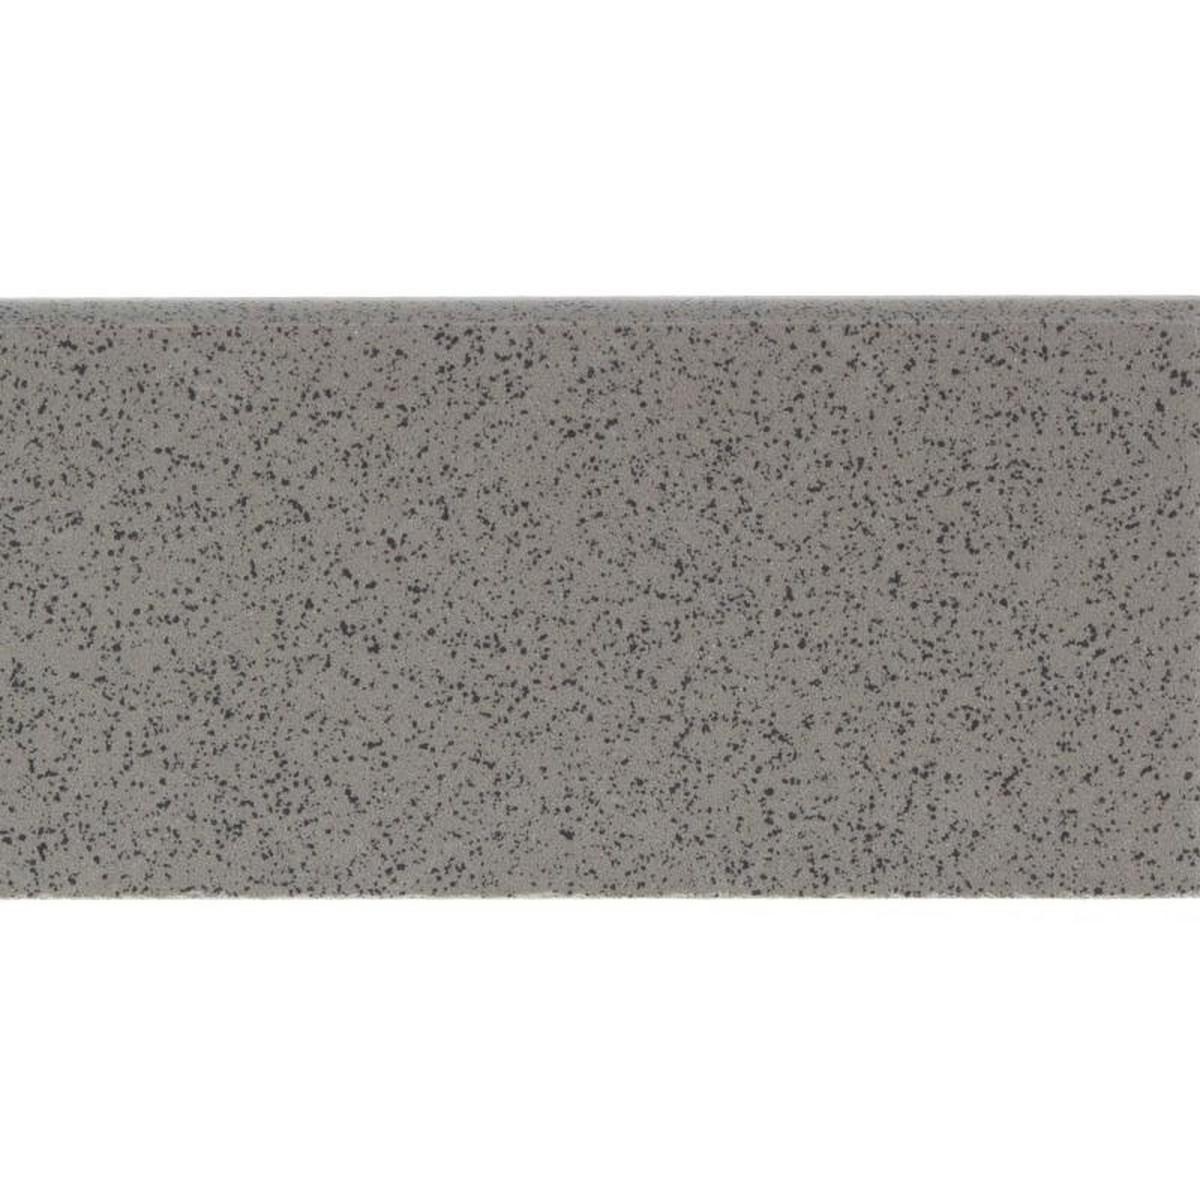 Плинтус неполированный EG12 7x30 см цвет серый